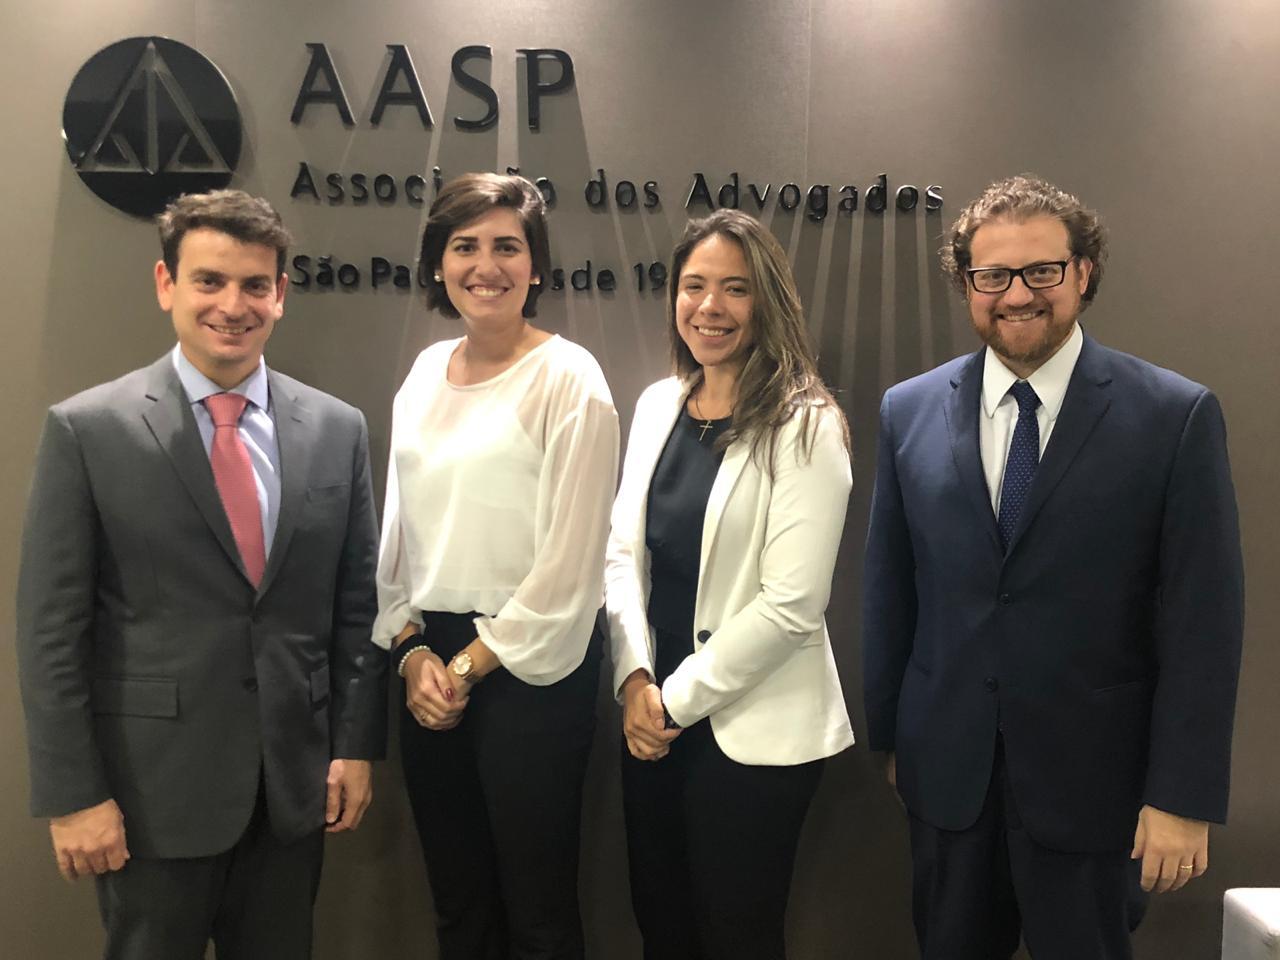 OAB-PB fecha parceria e garante 60 dias de acesso gratuito aos serviços da AASP